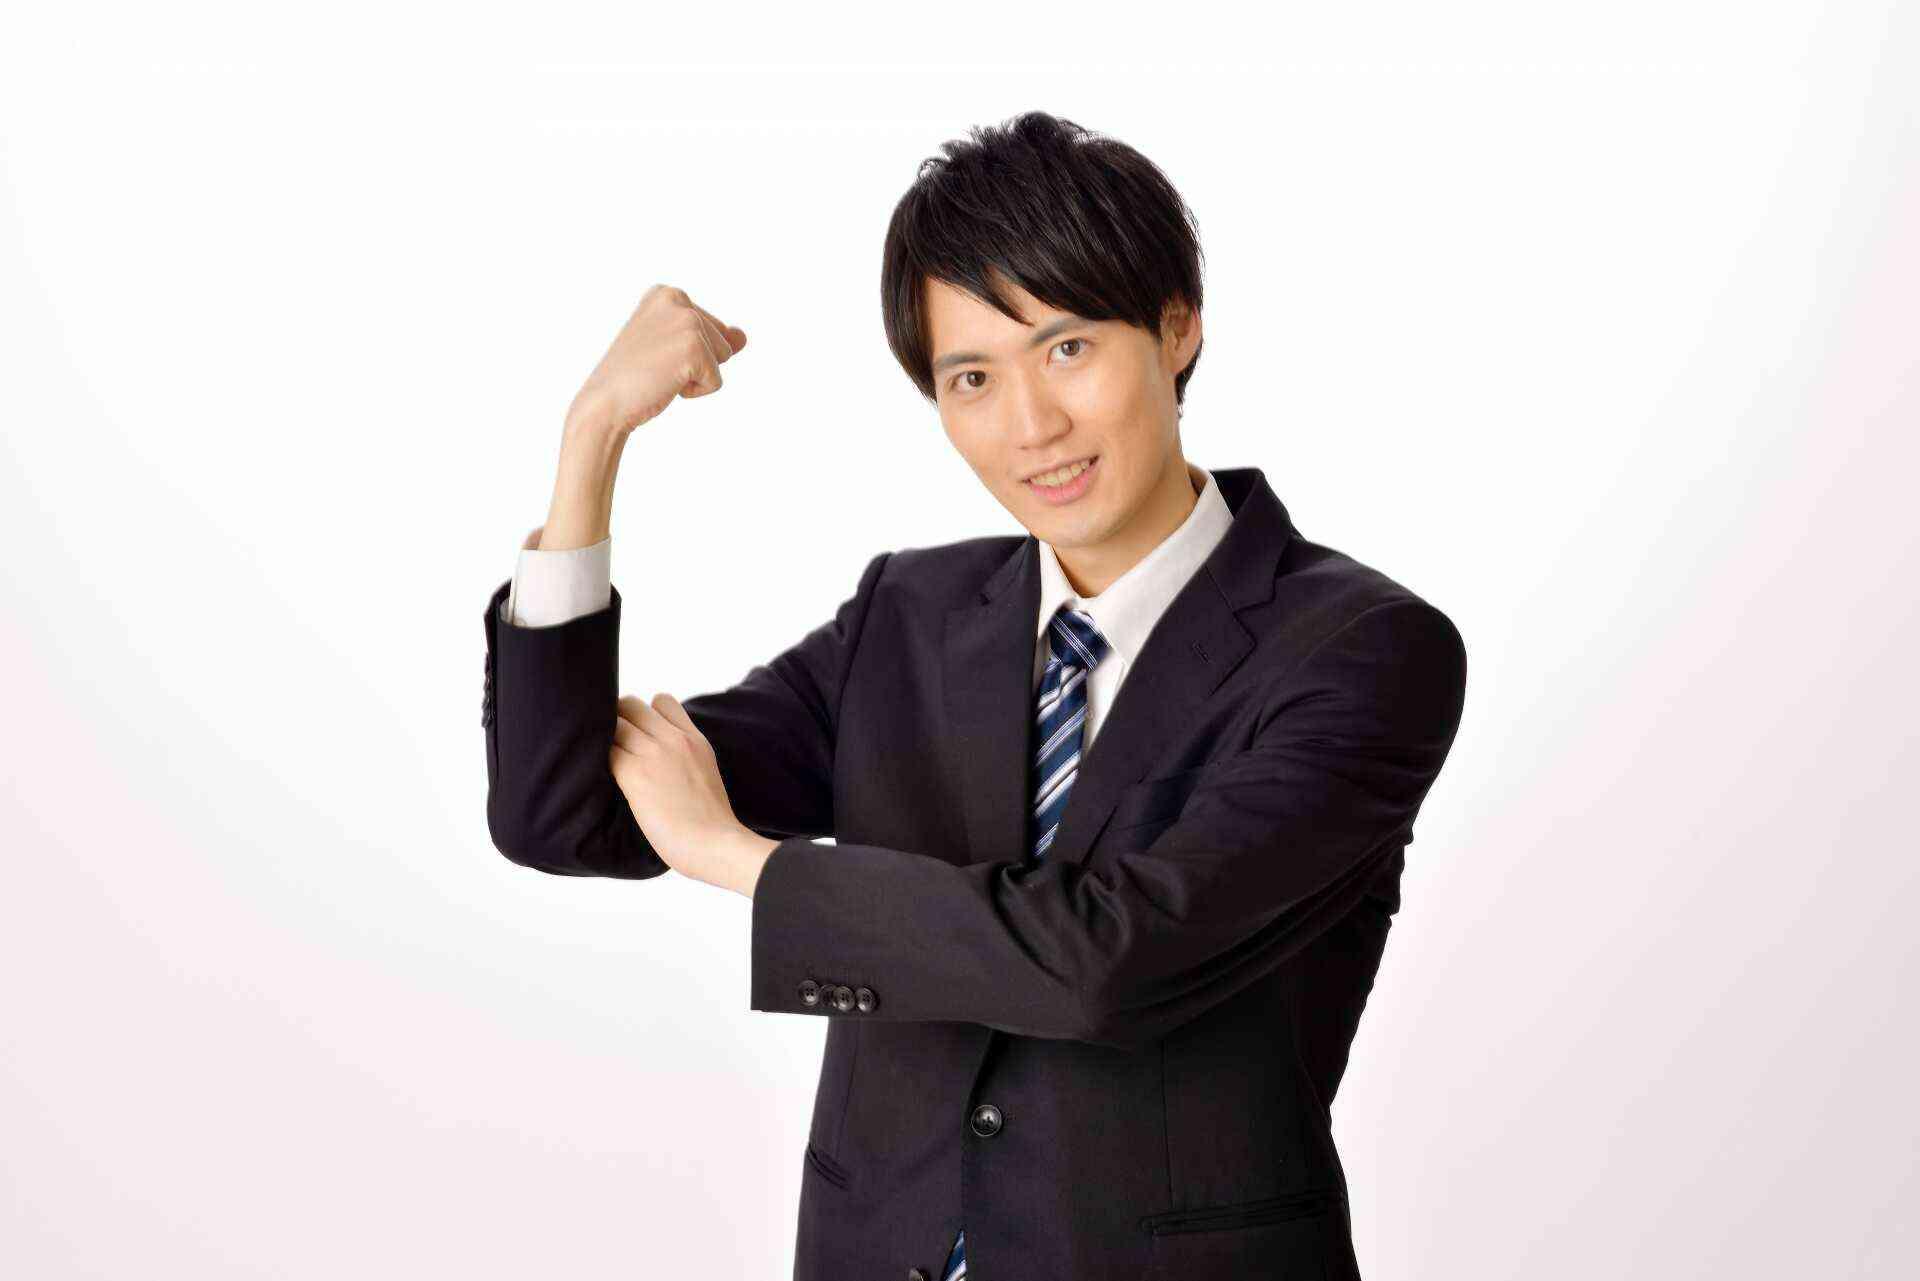 責任感が強い人の強みと弱み-向いてる仕事を探す前に-